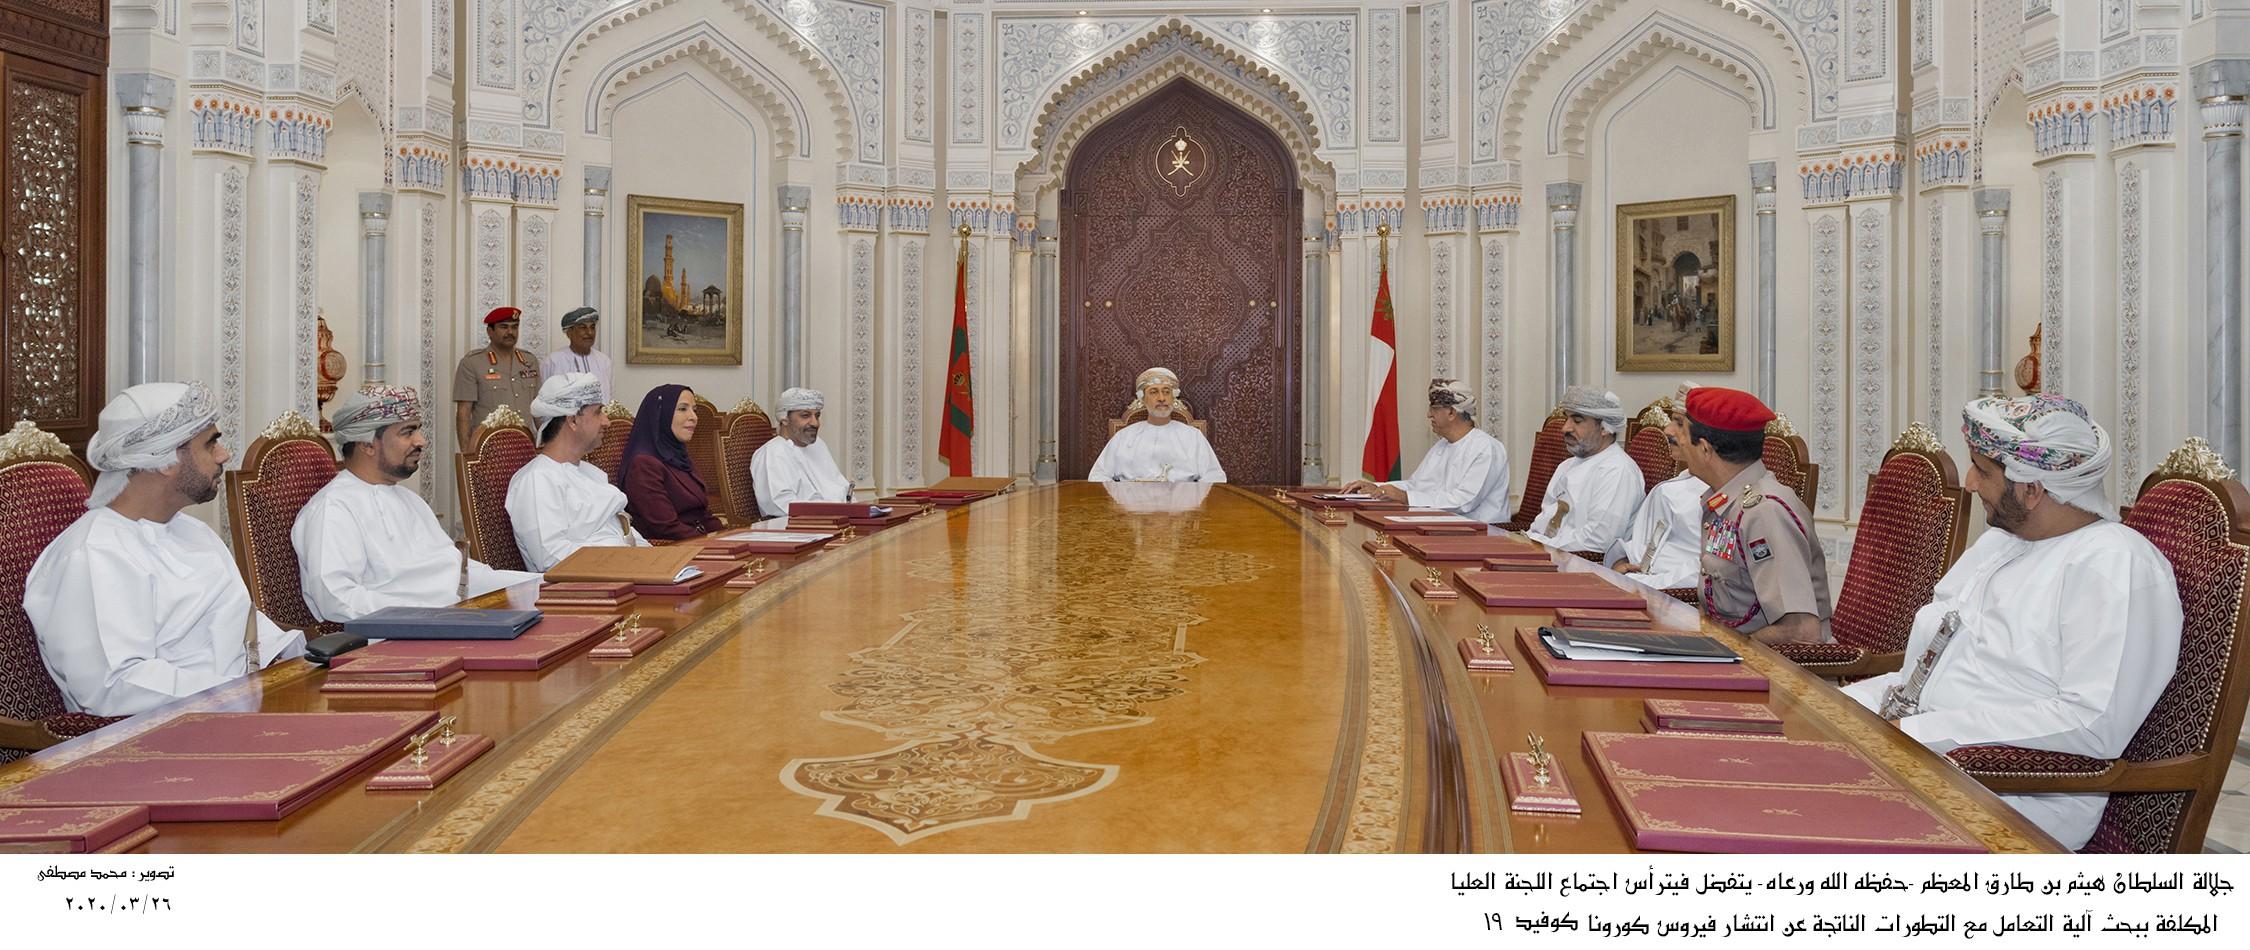 جلالة-السلطان-المعظم-يترأس-اجتماع-اللجنة-العليا-المكلفة-ببحث-آليات-التعامل-مع-انتشار-فيروس-كورونا1.jpg